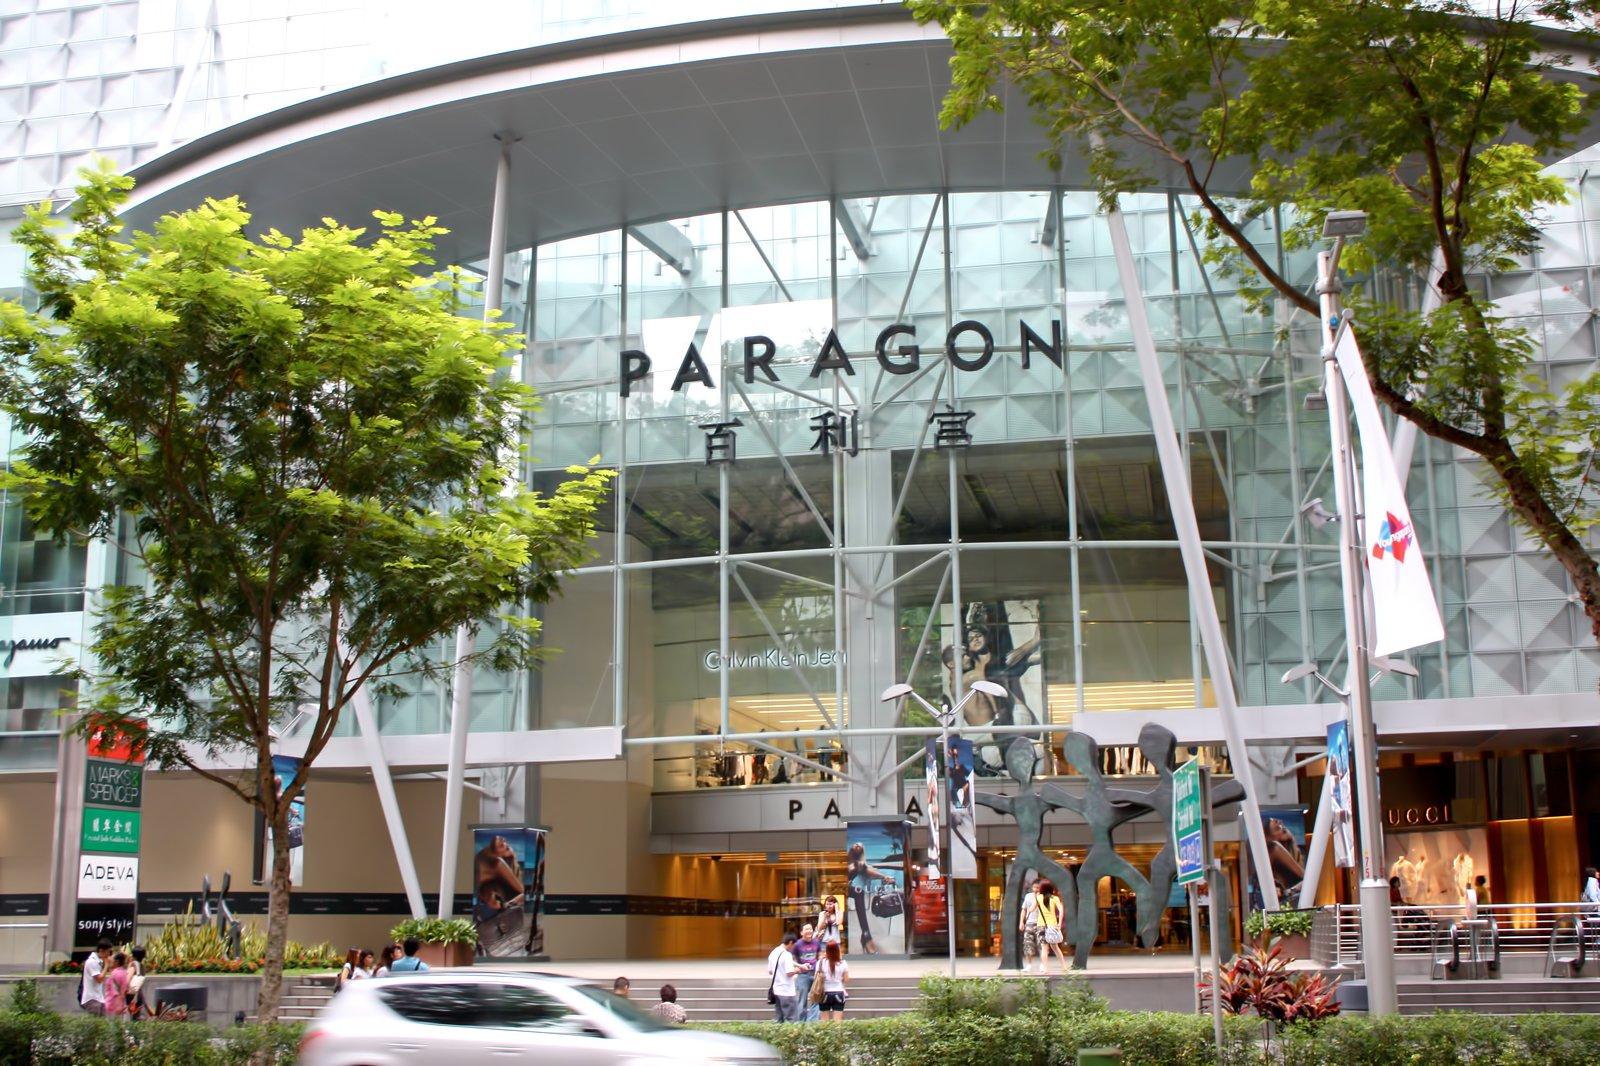 Paragon Shopping Center - Singapore Shopping Complex